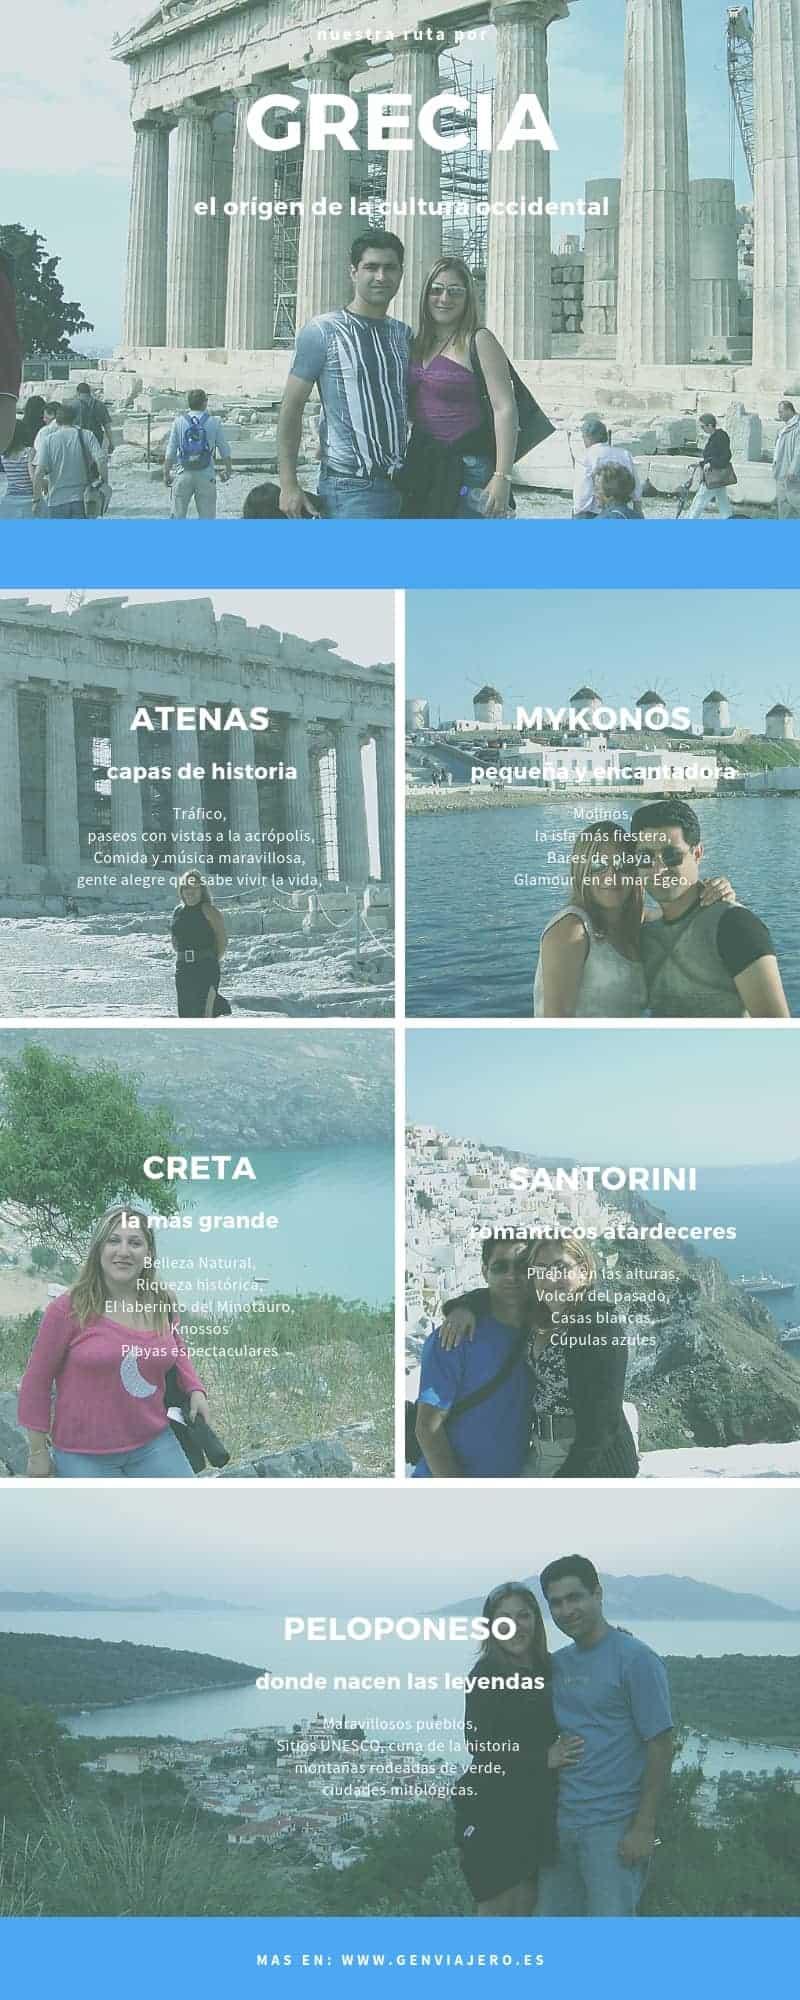 nuestro viaje grecia